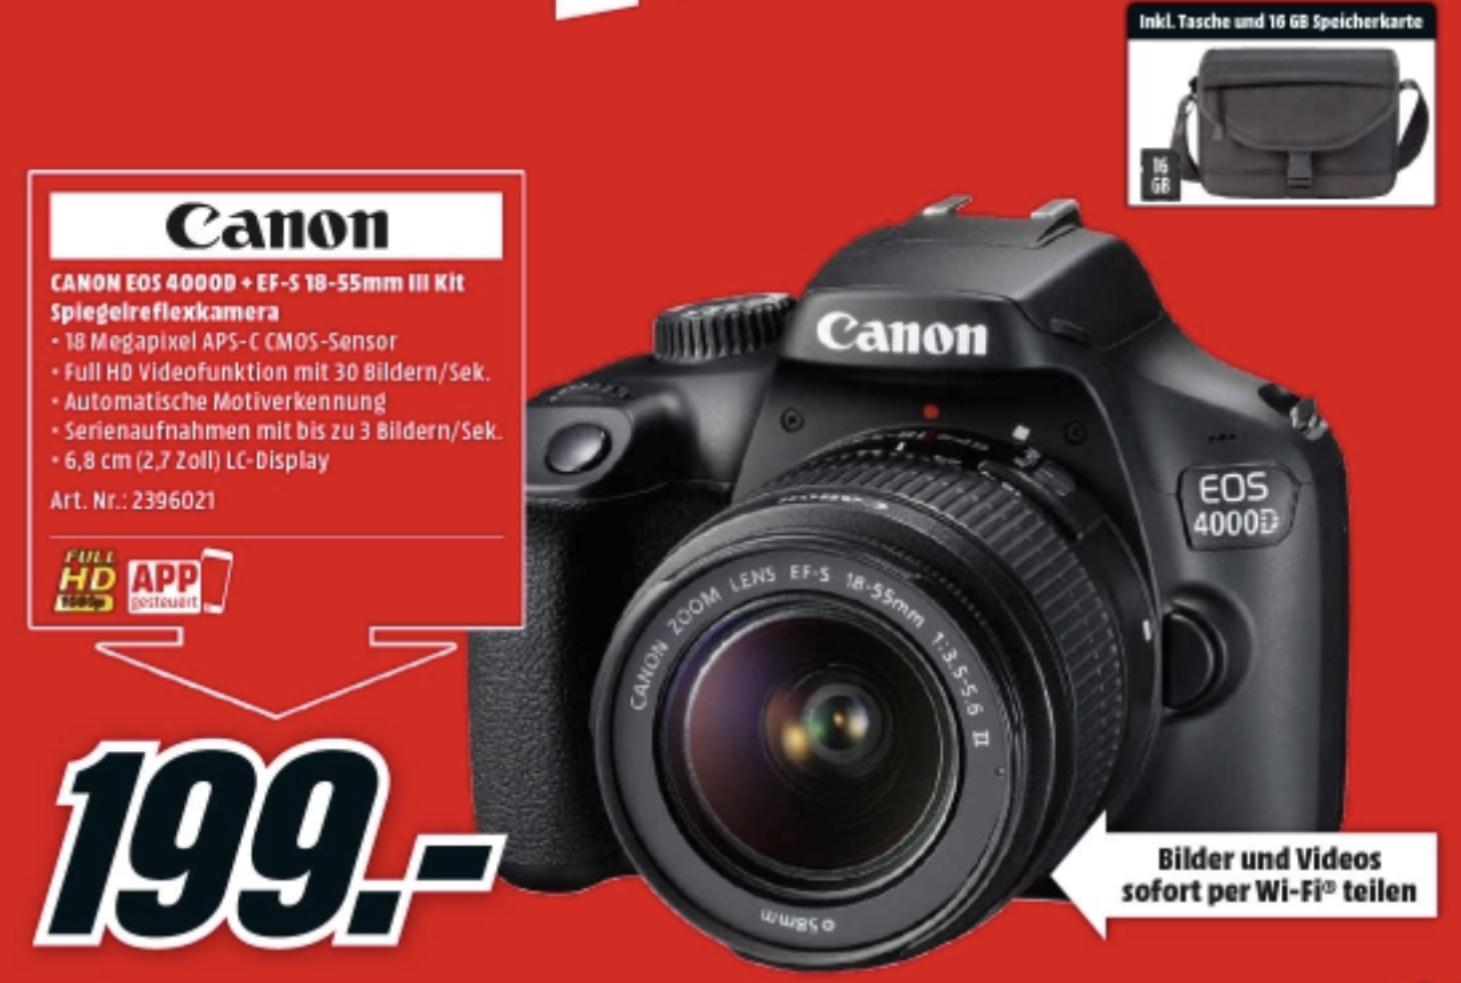 CANON EOS 4000D EF-S 18-55mm III Kit inkl. Tasche und Speicherkarte Spiegelreflexkamera, 18 Megapixel, Full HD für 199€